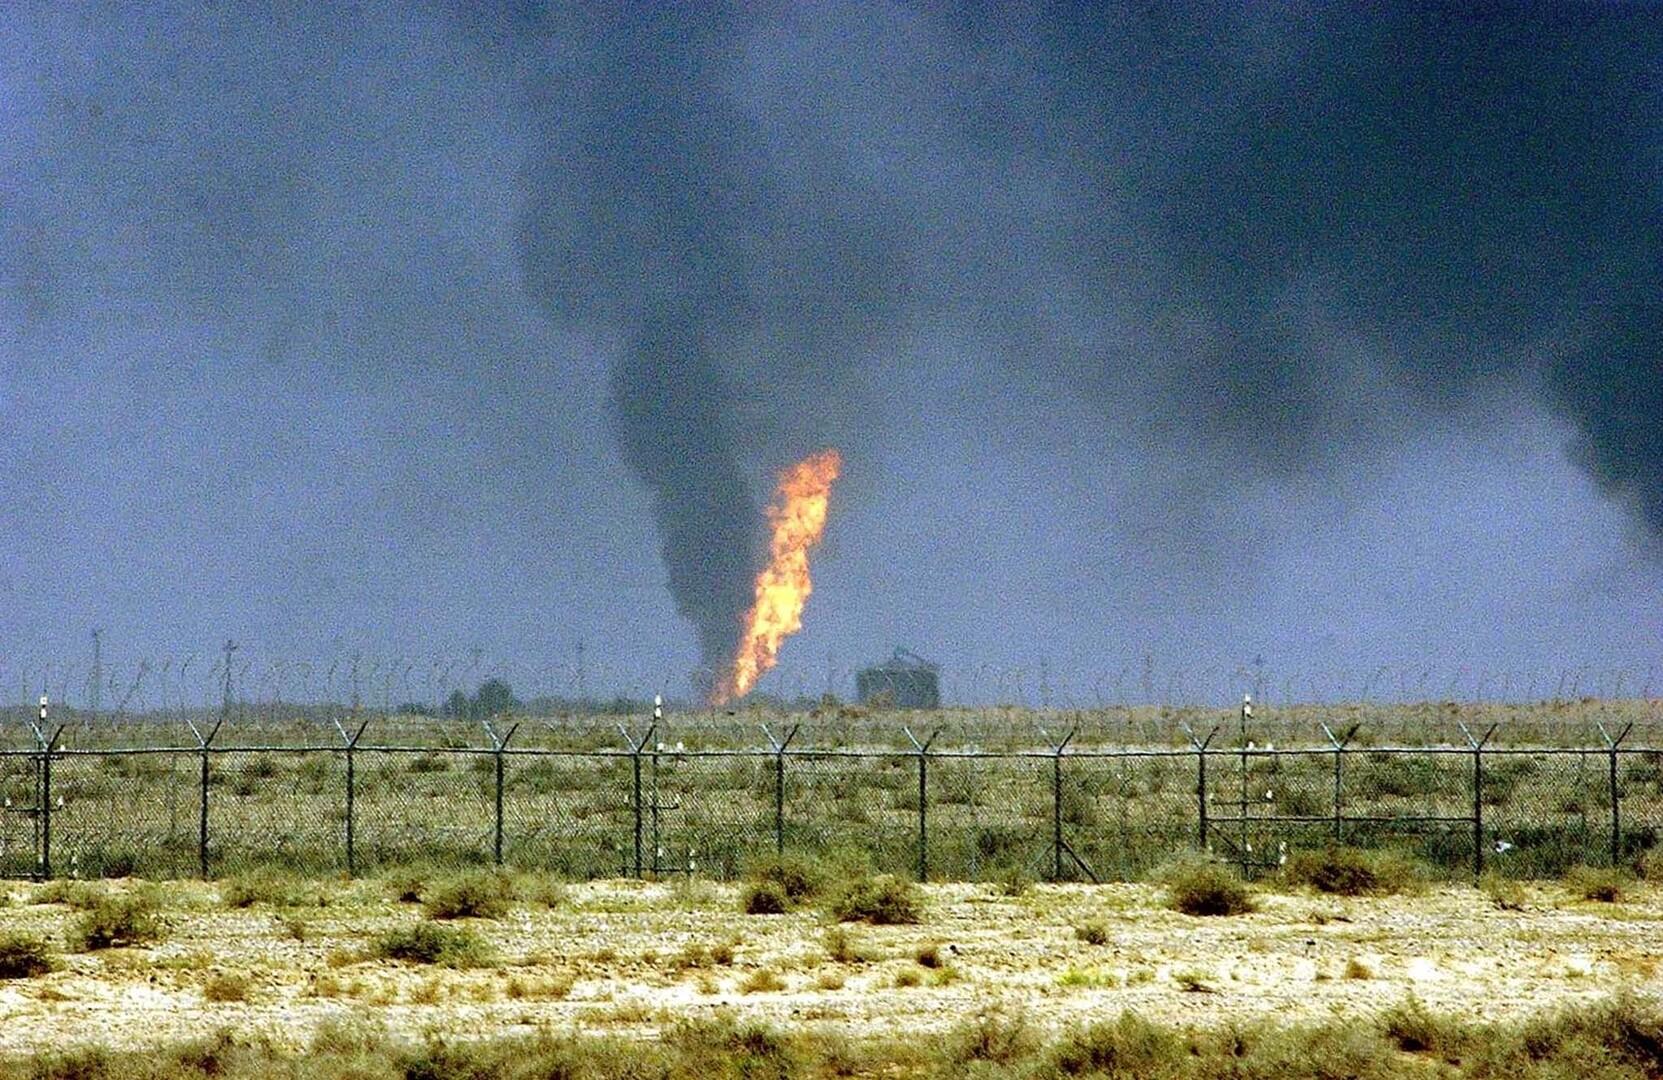 نائب عراقي: الكويت استغلت غزو العراق لتجاوز الحدود وآبار النفط بين البلدين